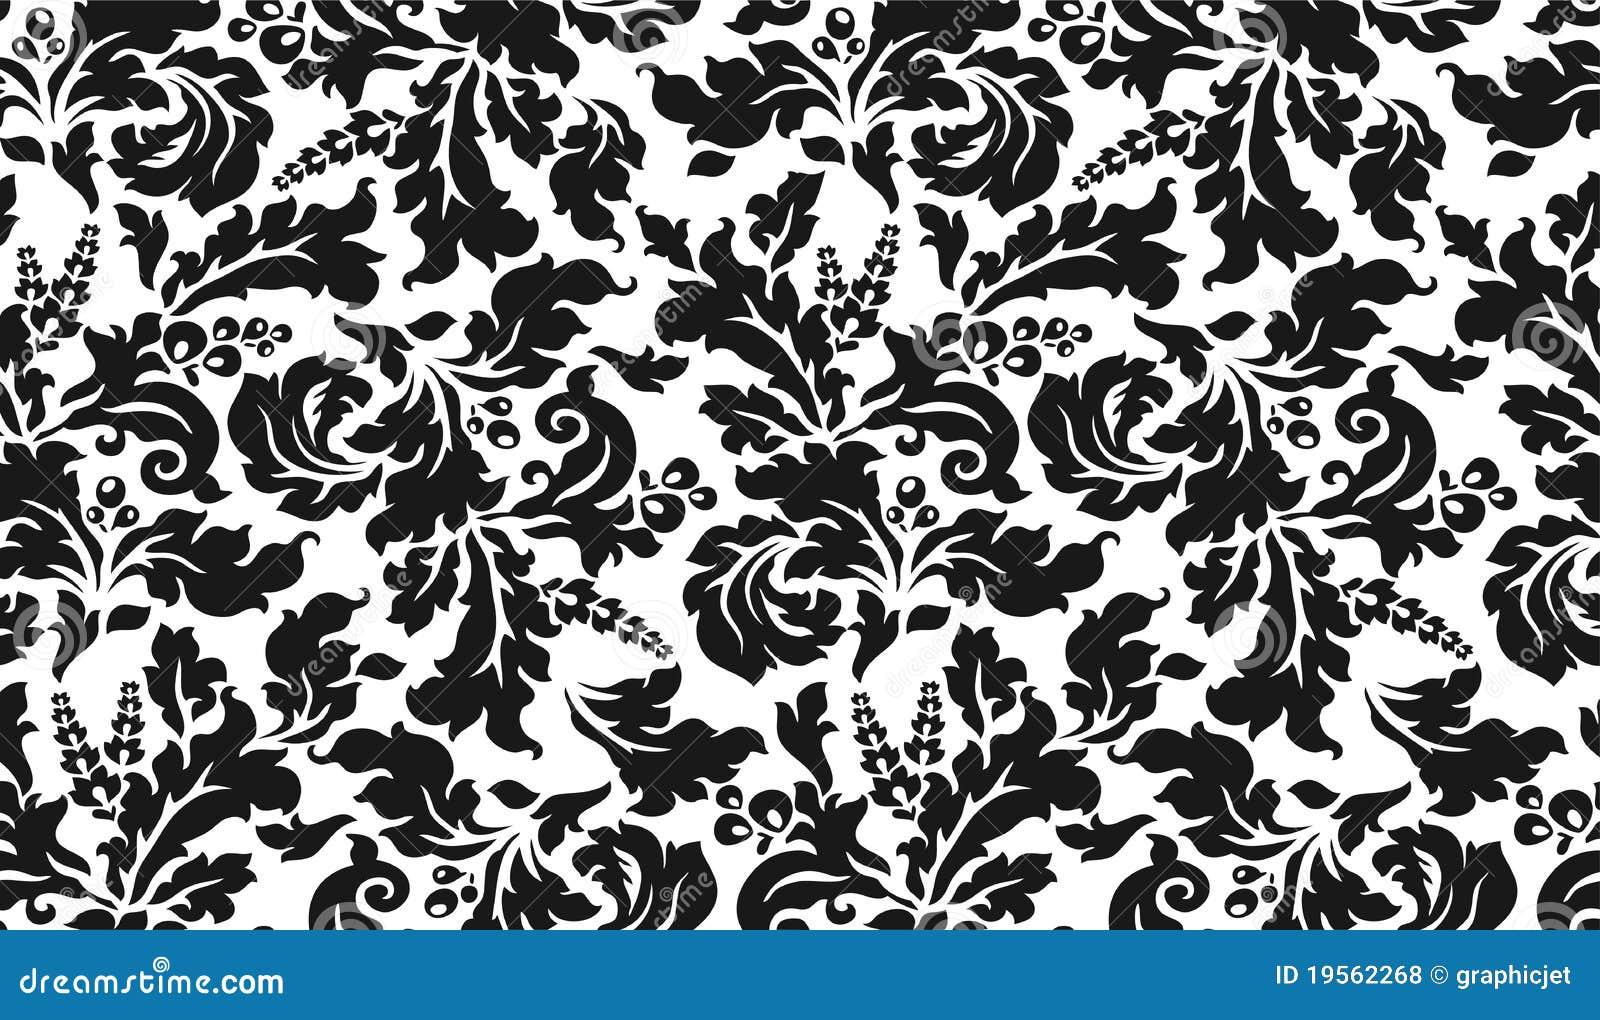 tapisserie noire et blanche avec des fleurs photos libres. Black Bedroom Furniture Sets. Home Design Ideas